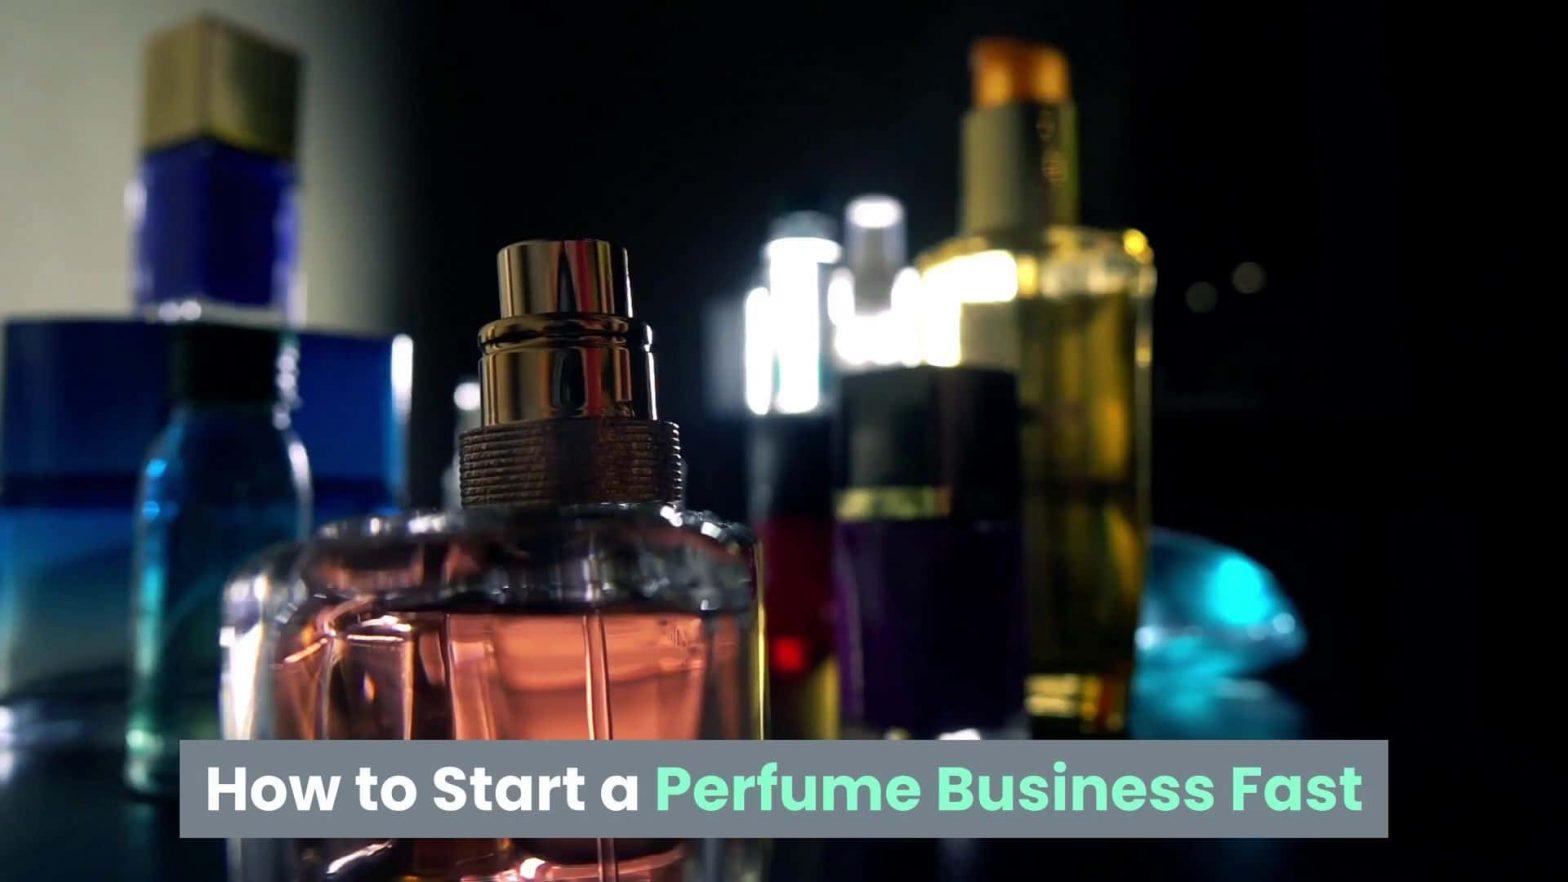 kelebihan kekurangan bisnis parfum merek sendiri